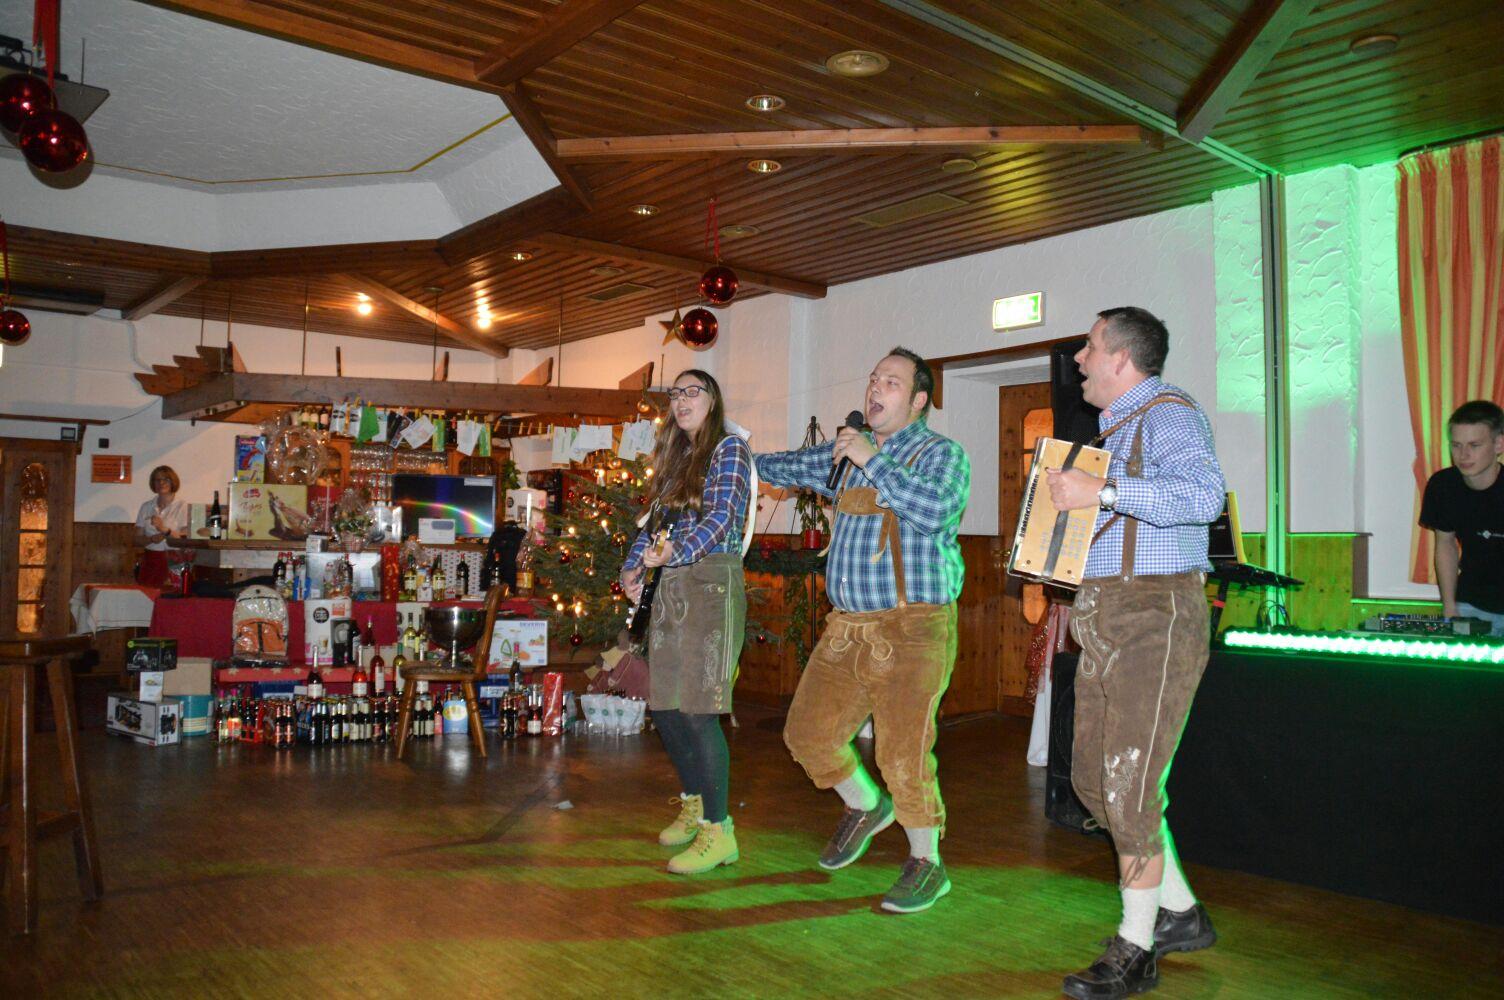 Weihnachtsfeier 2016 - Dorfrocker